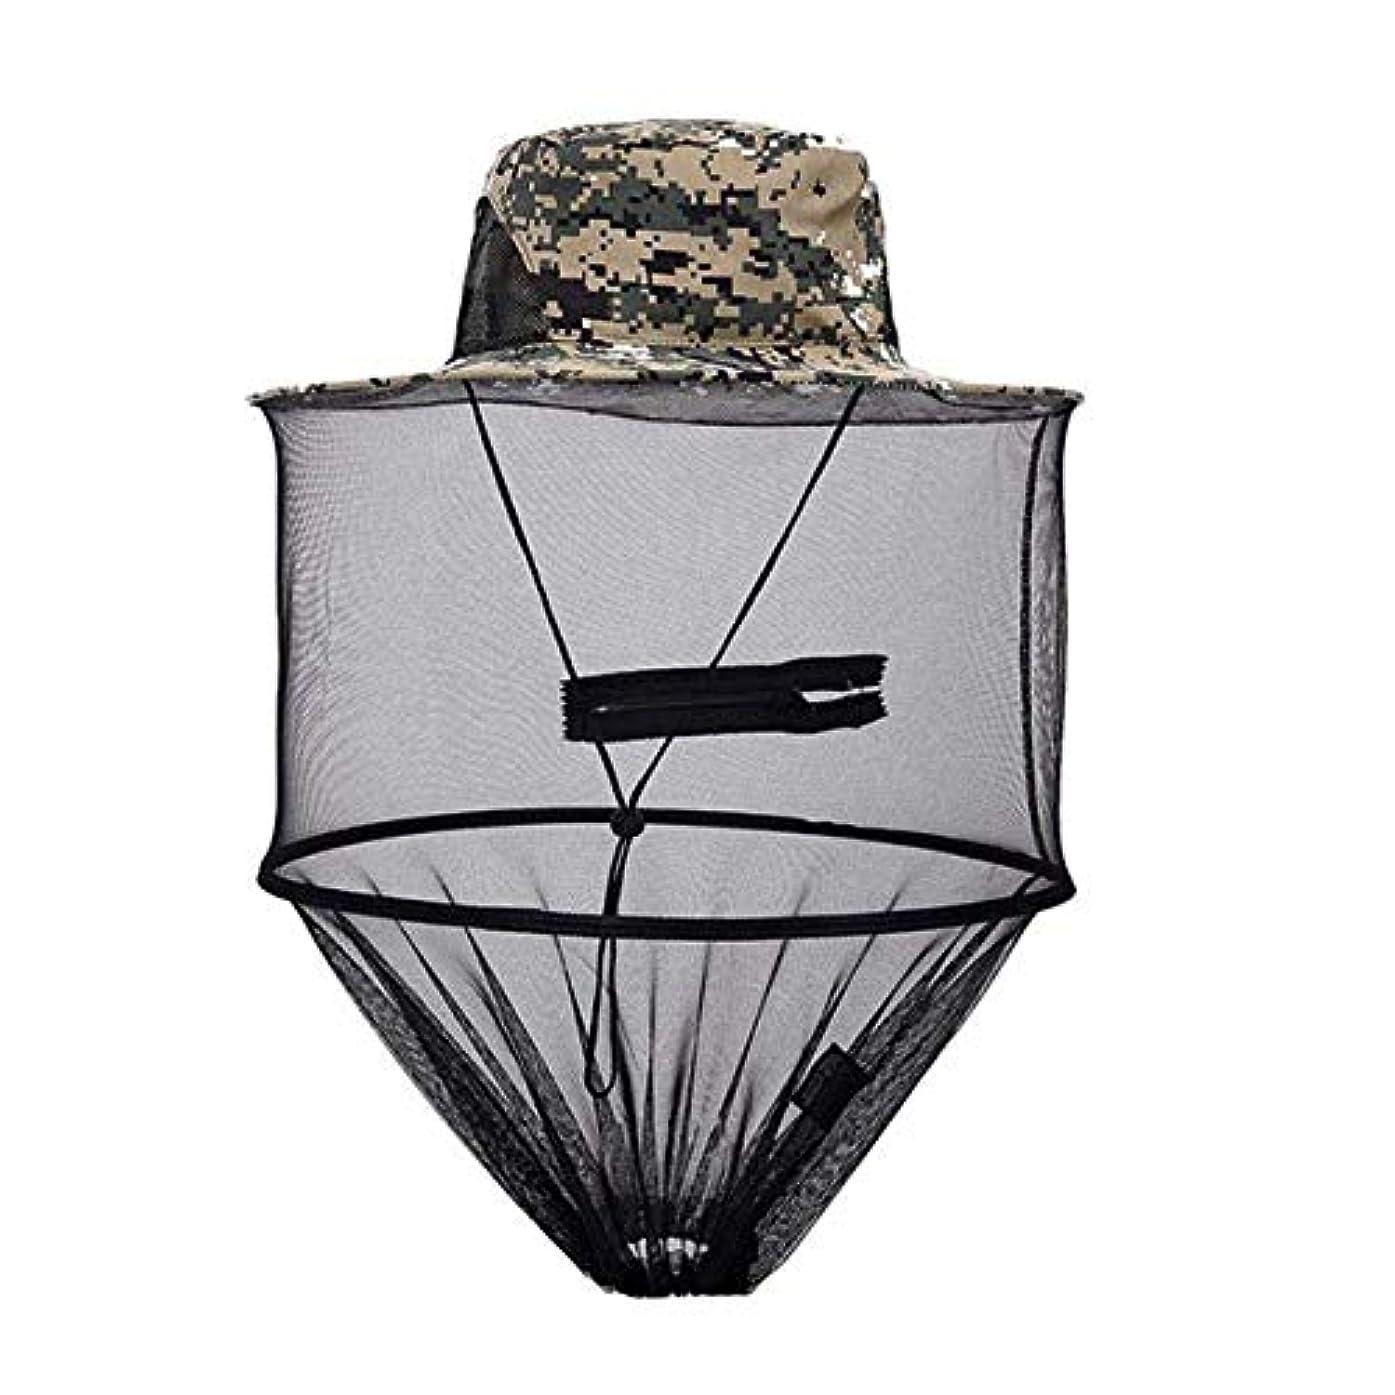 ショートメイエラスイングSaikogoods アウトドアキャンプハイキング狩猟のためにネットメッシュ?ヘッドフェイスプロテクター 釣りの帽子蚊キャップ ミッジフライバグ昆虫蜂ハット デジタル迷彩